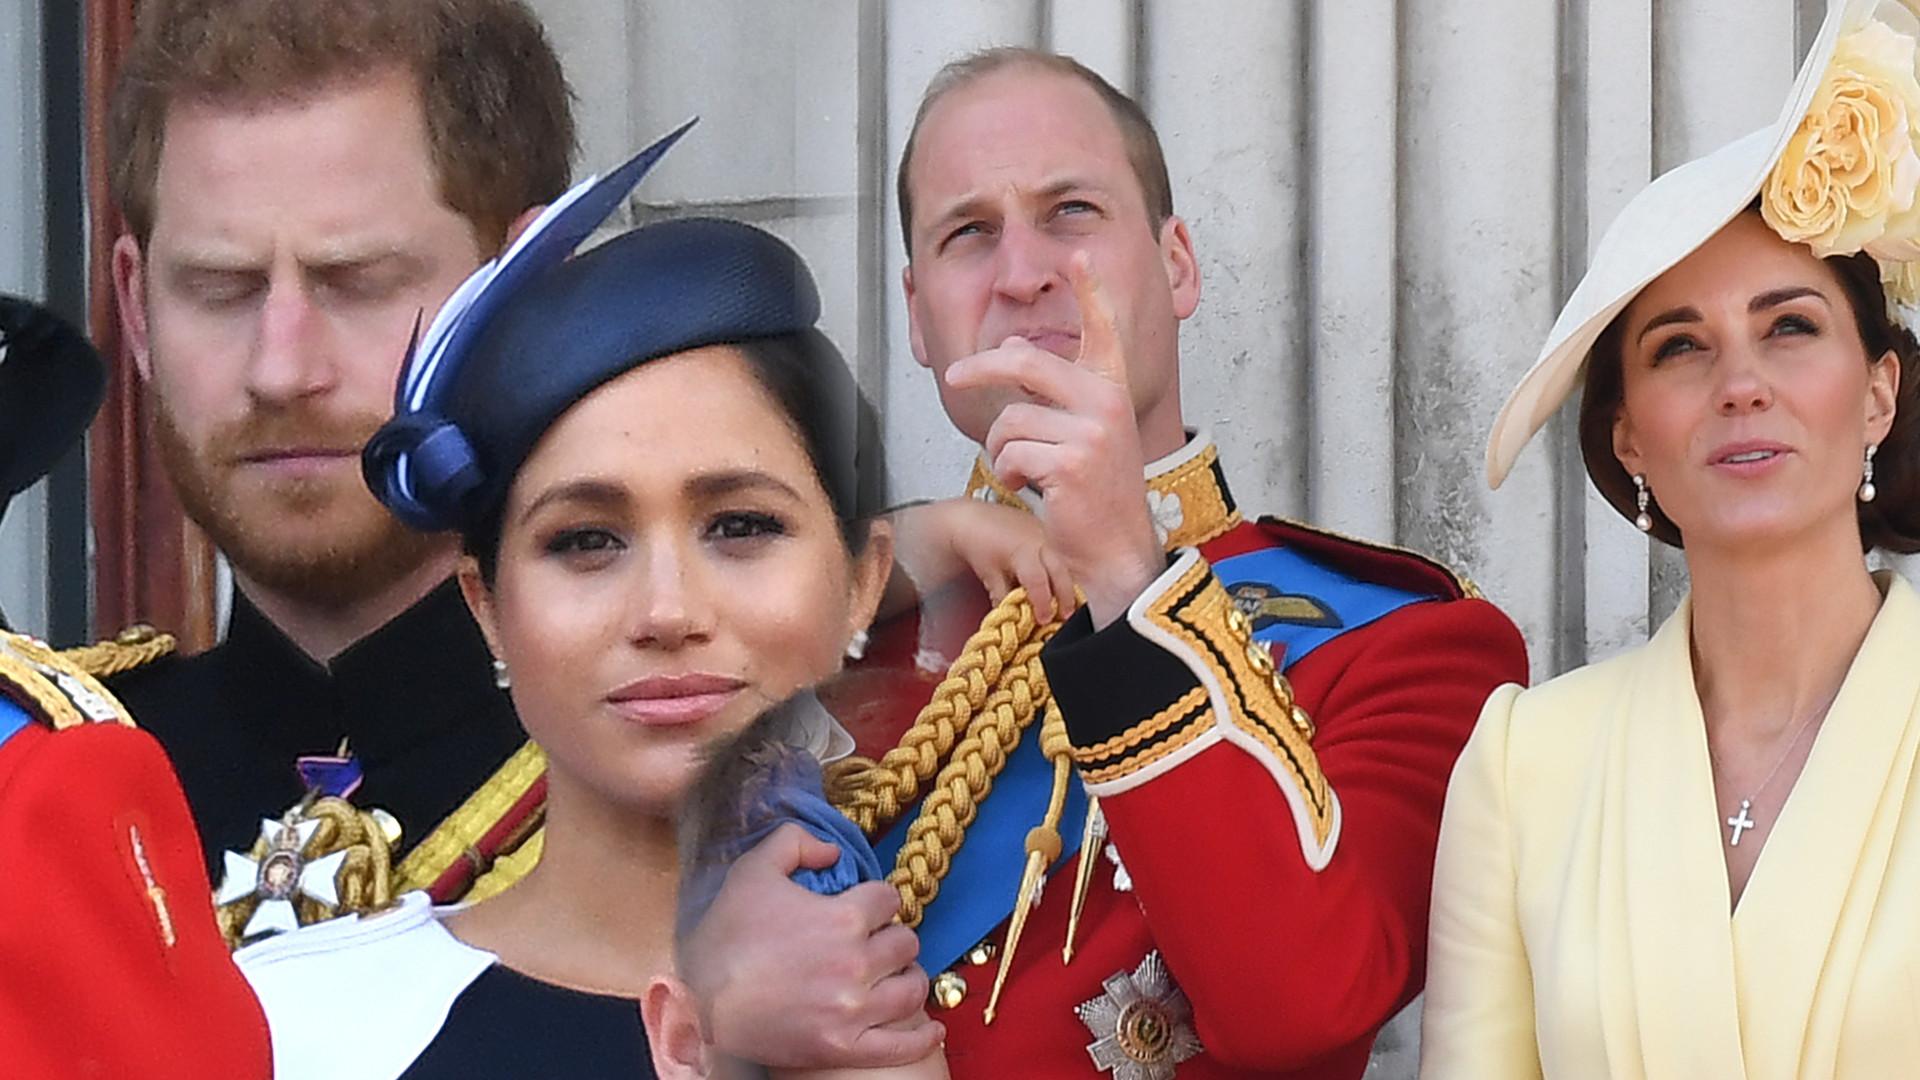 Prawdziwy powód konfliktu Meghan, Harry'ego, Kate i Williama. To dlatego fundacja się rozpadnie?